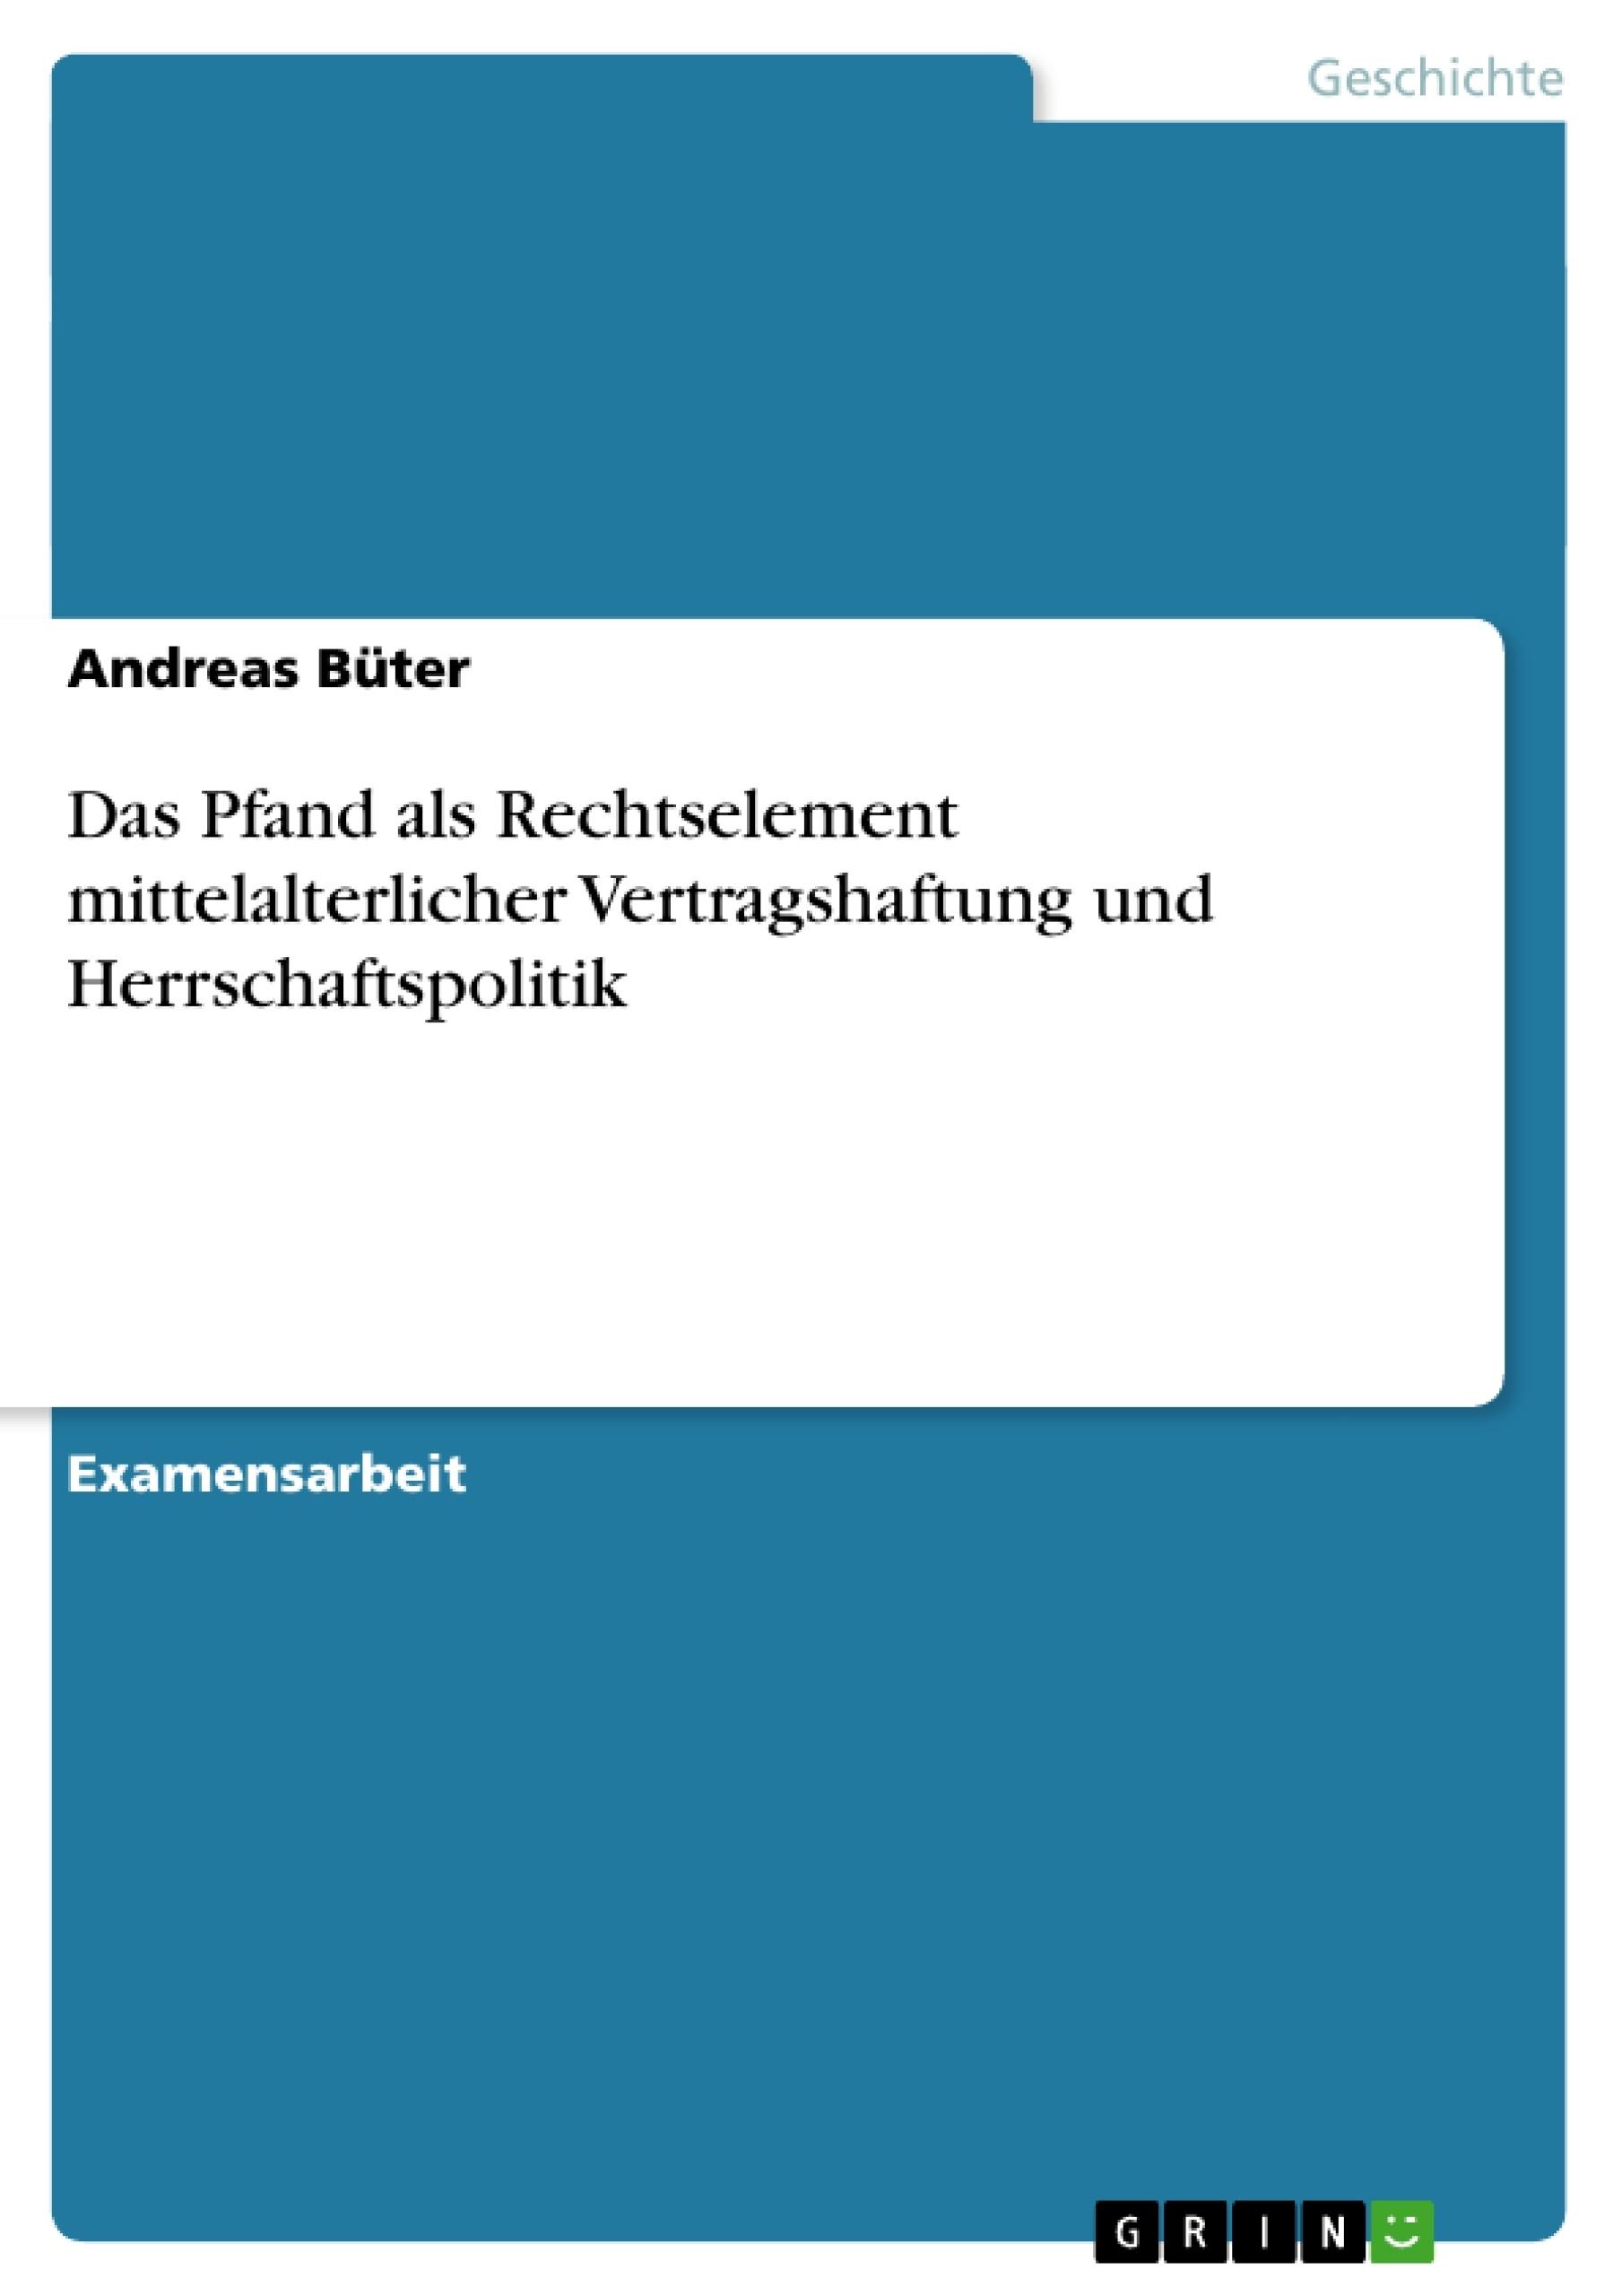 Titel: Das Pfand als Rechtselement mittelalterlicher Vertragshaftung und Herrschaftspolitik